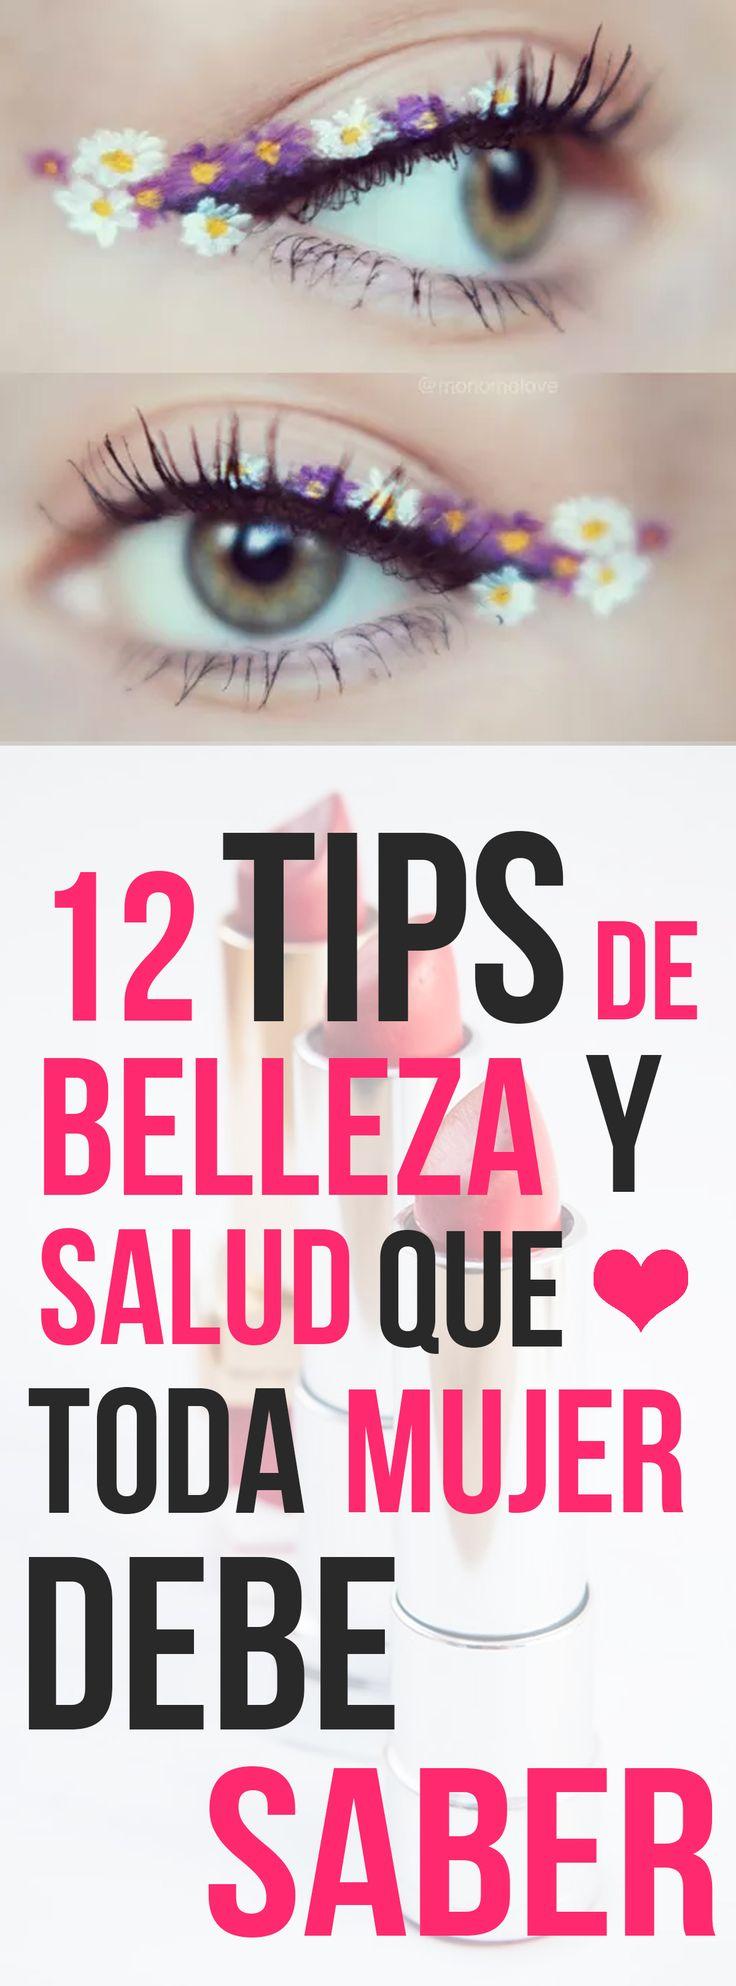 12 Tips De Belleza Y Salud Que Toda Mujer Debe Saber